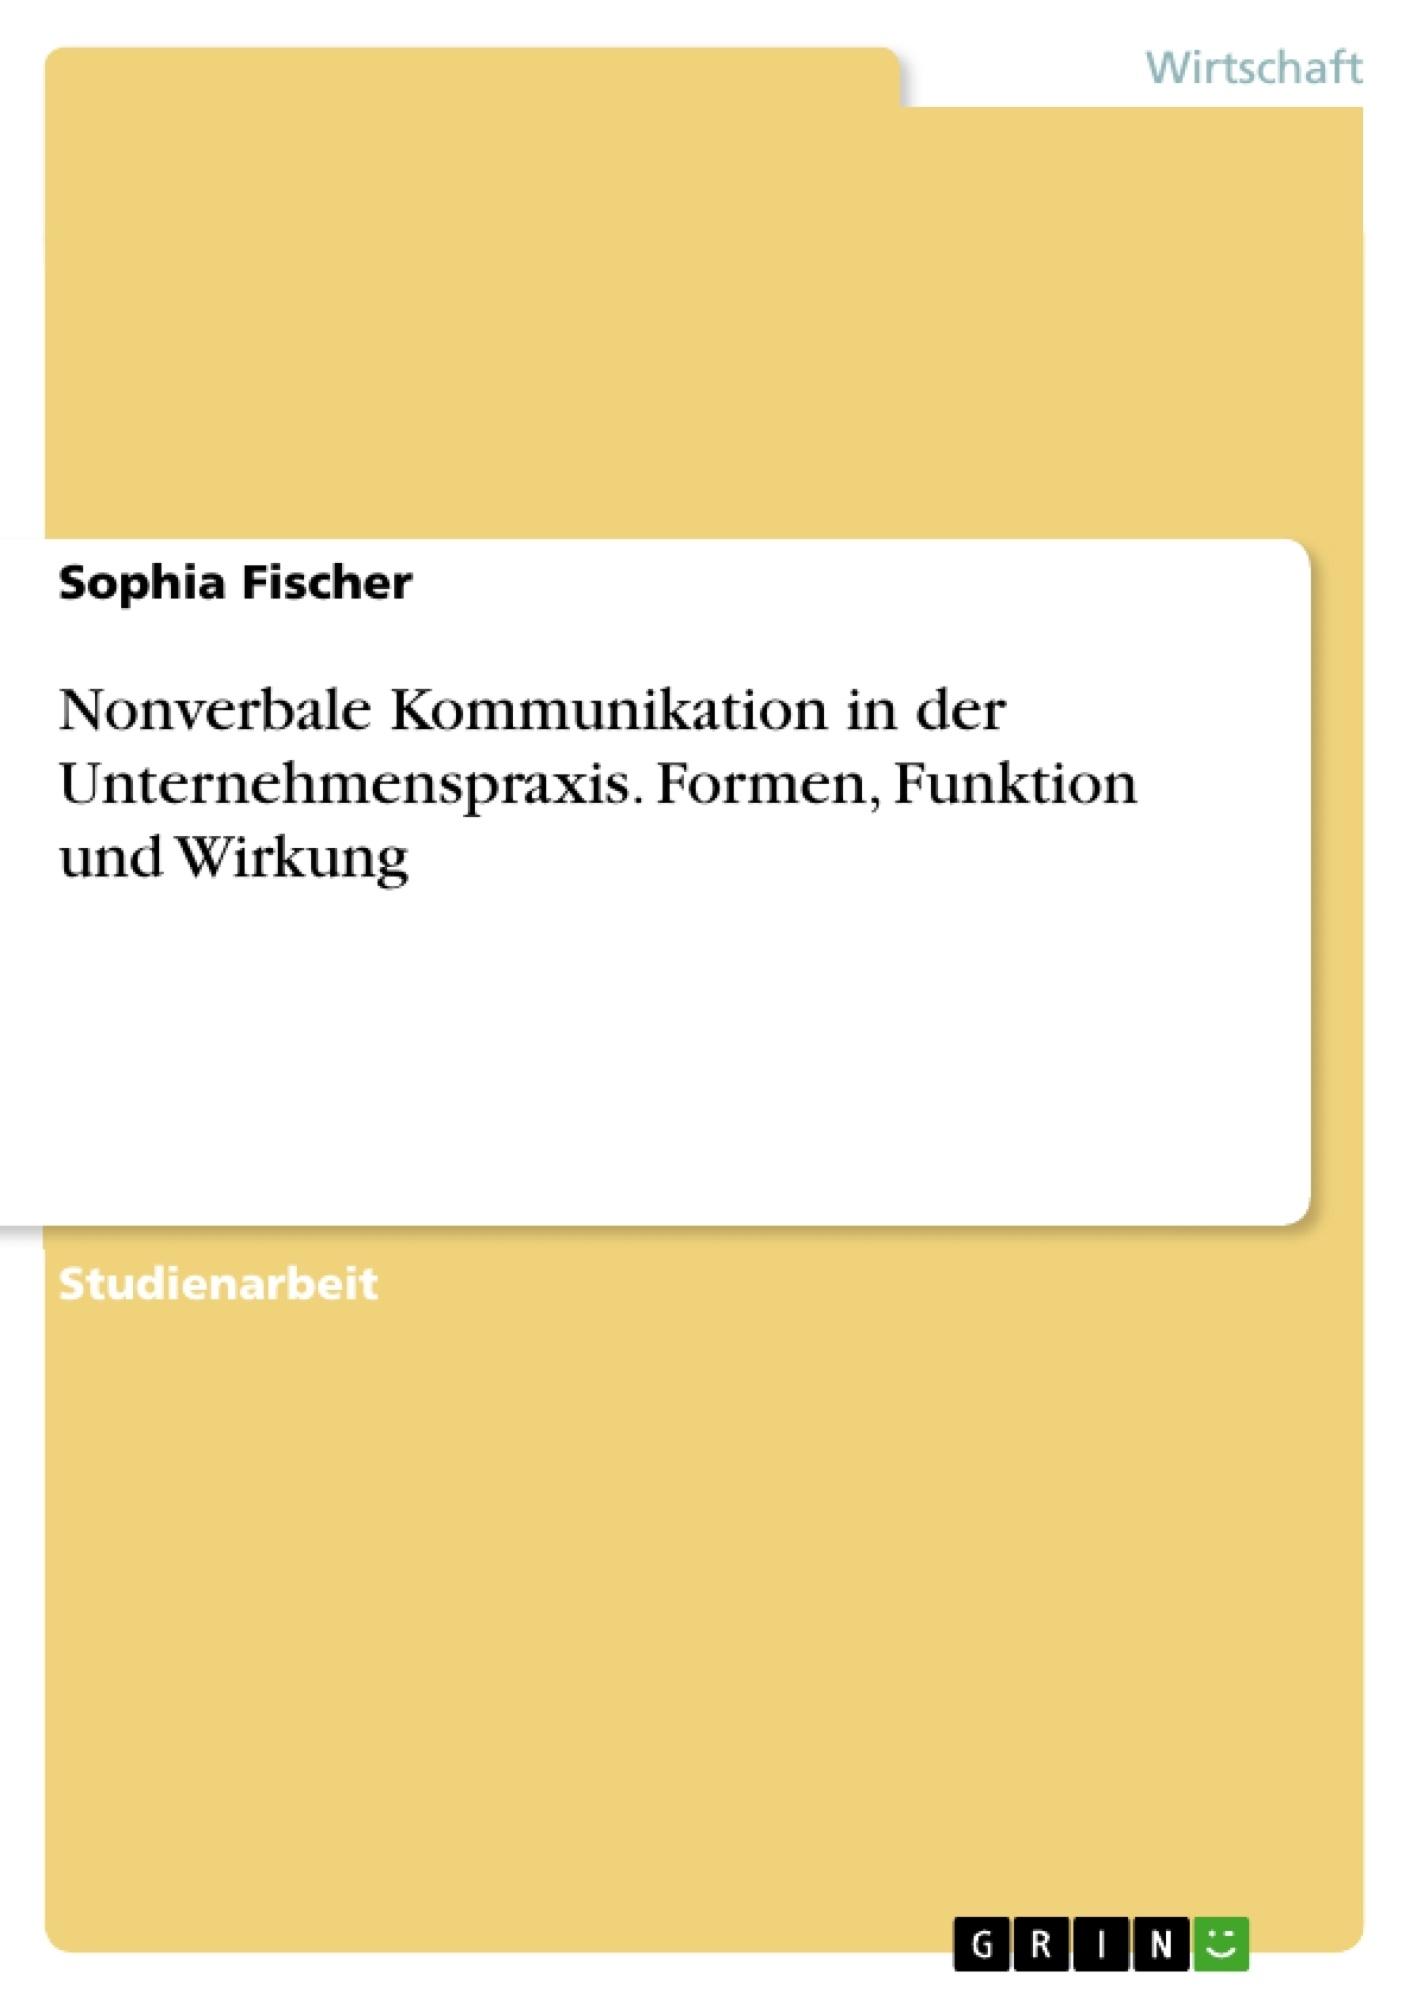 Titel: Nonverbale Kommunikation in der Unternehmenspraxis. Formen, Funktion und Wirkung